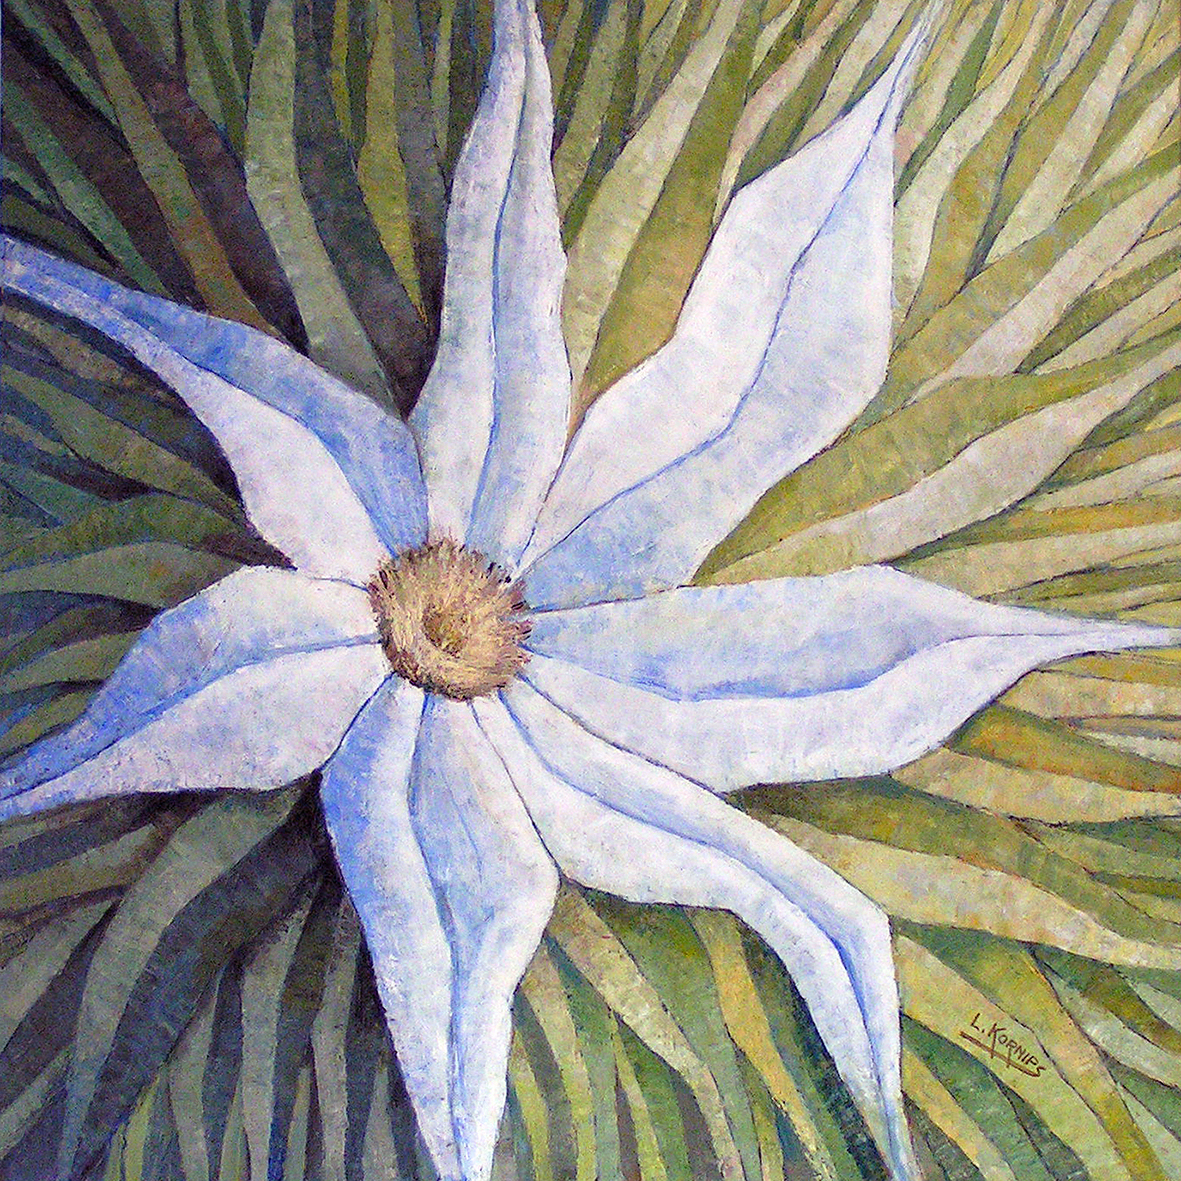 leokornips-flower-leaves